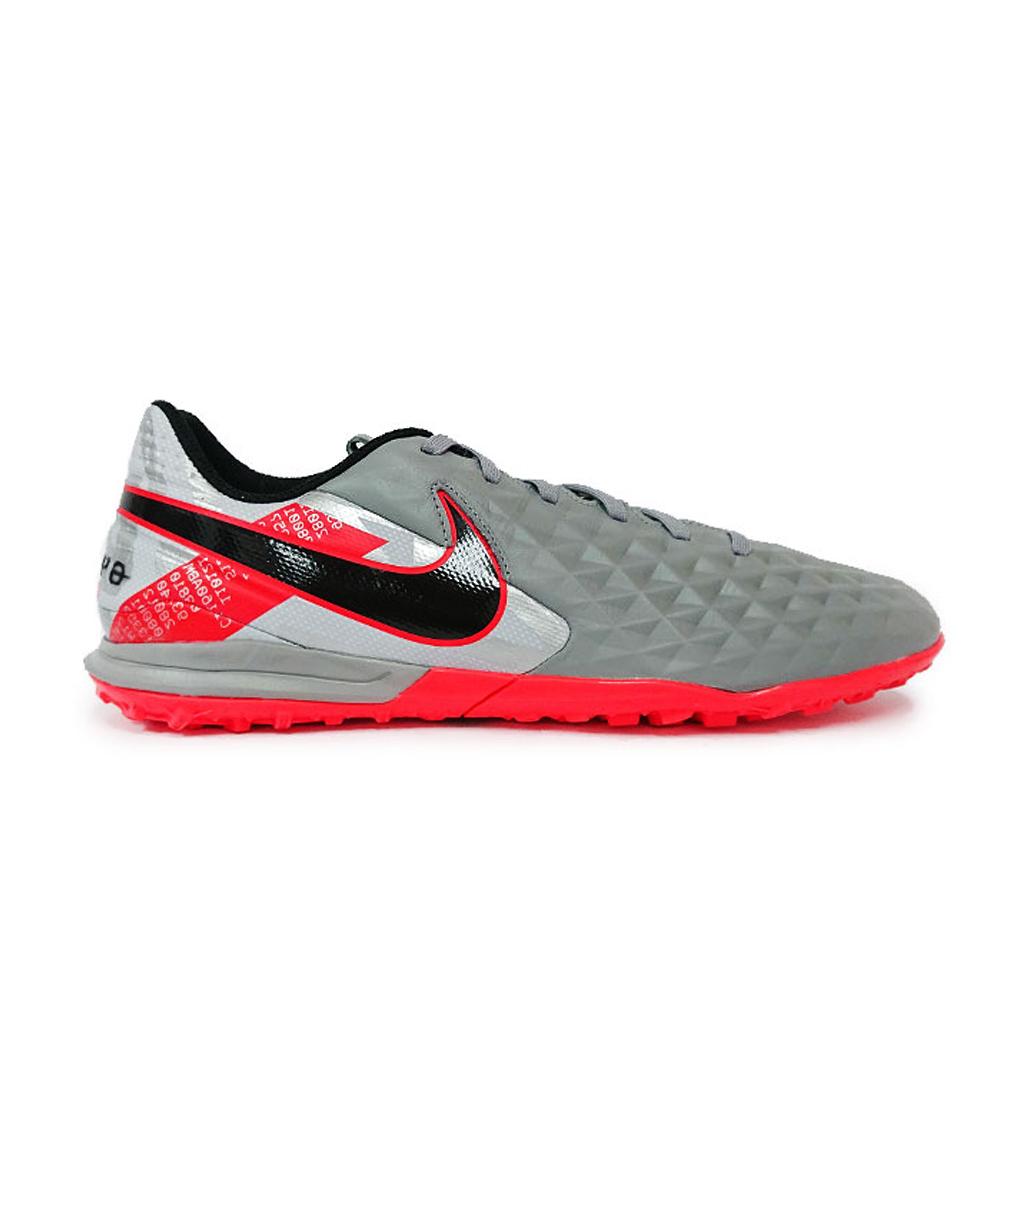 Купить сороконожки Nike Tiempo LEGEND VIII ACADEMY TF AT6100 в интернет-магазине